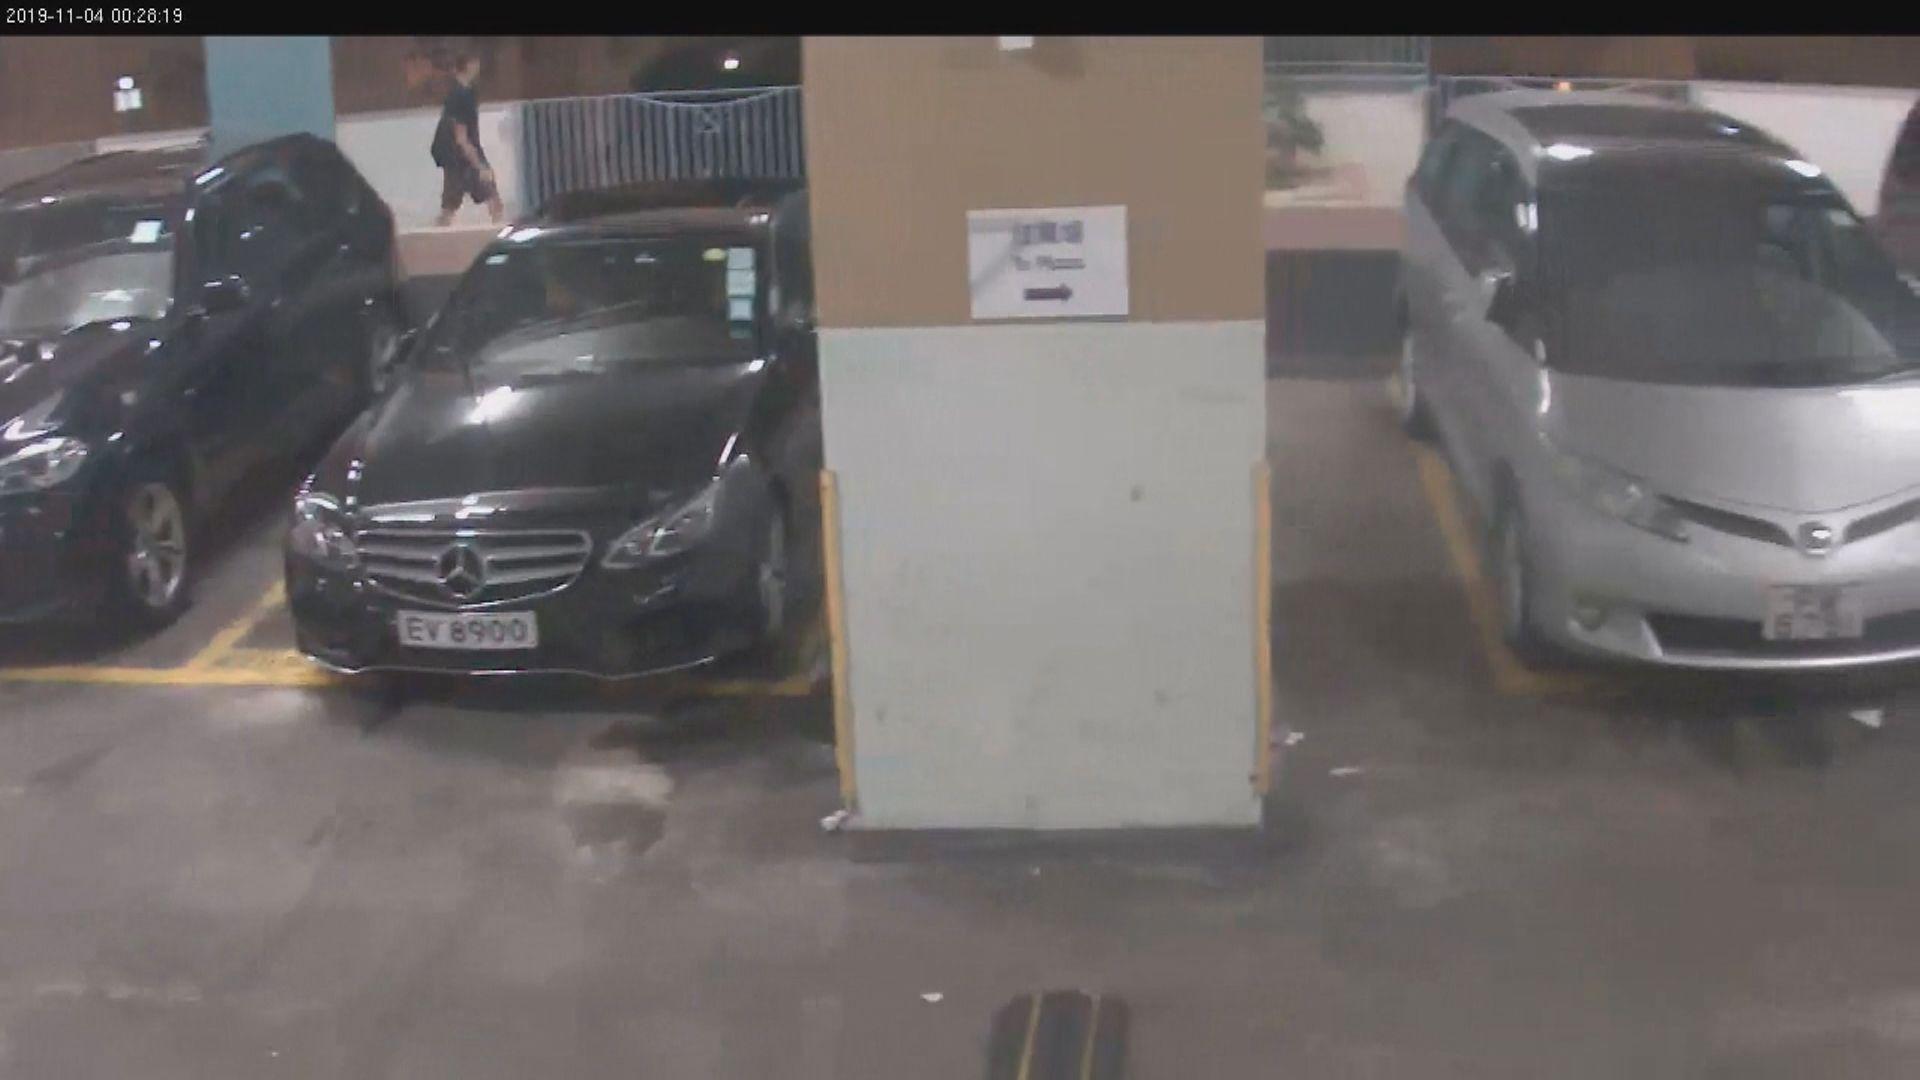 停車場閉路電視片段 見衣著與周梓樂相似男子